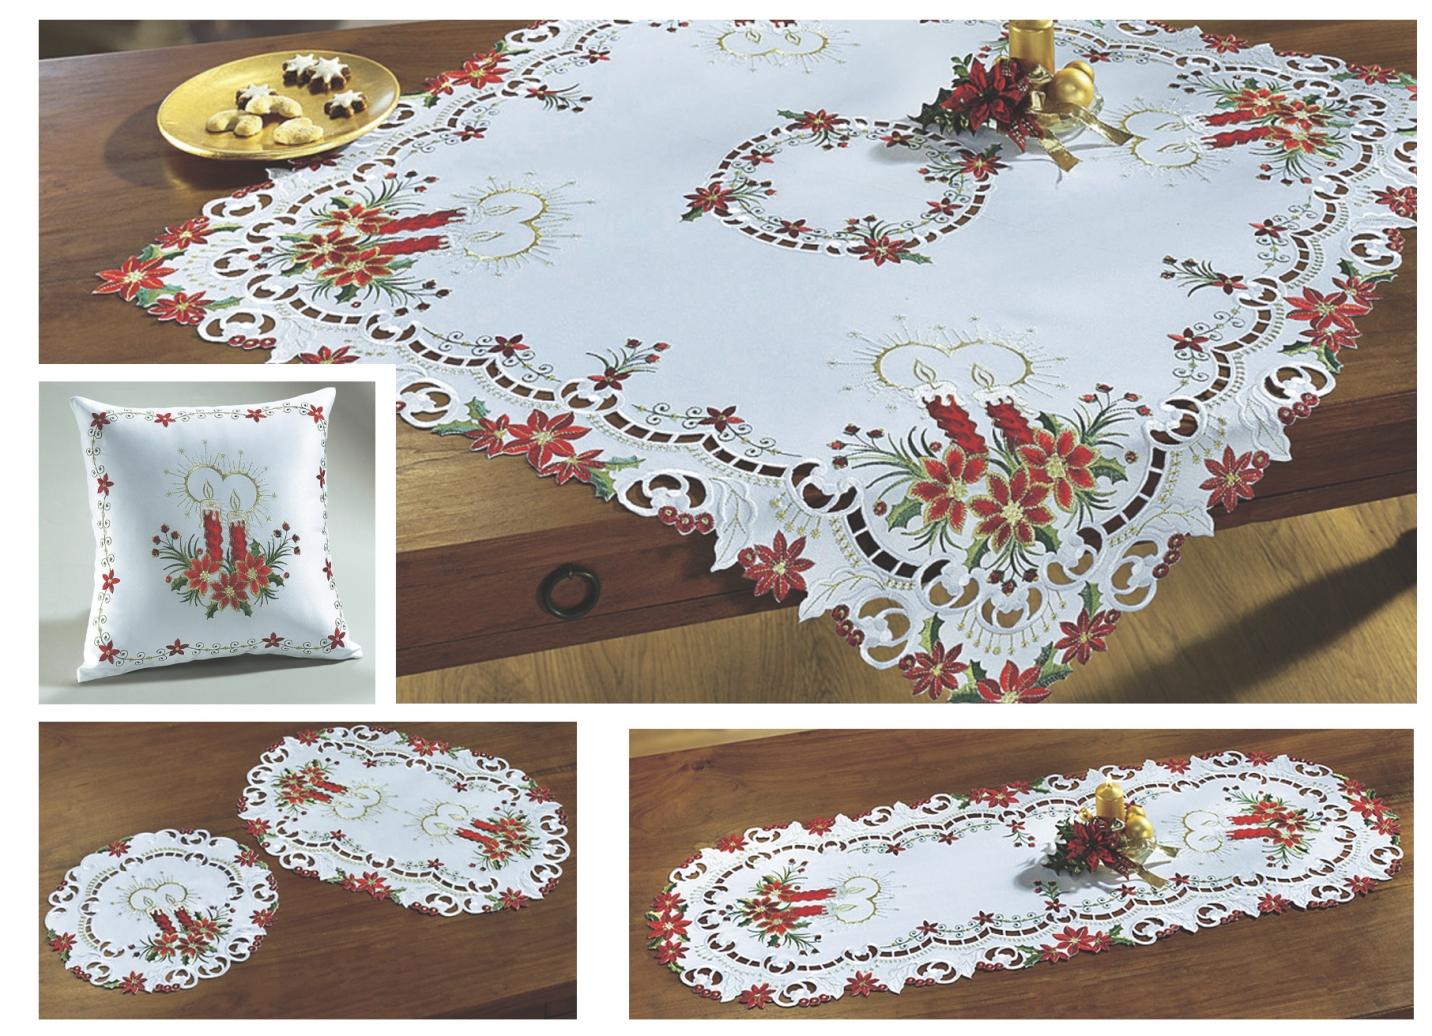 Tisch und raumdekoration tafellakens bader - Bader weihnachten ...